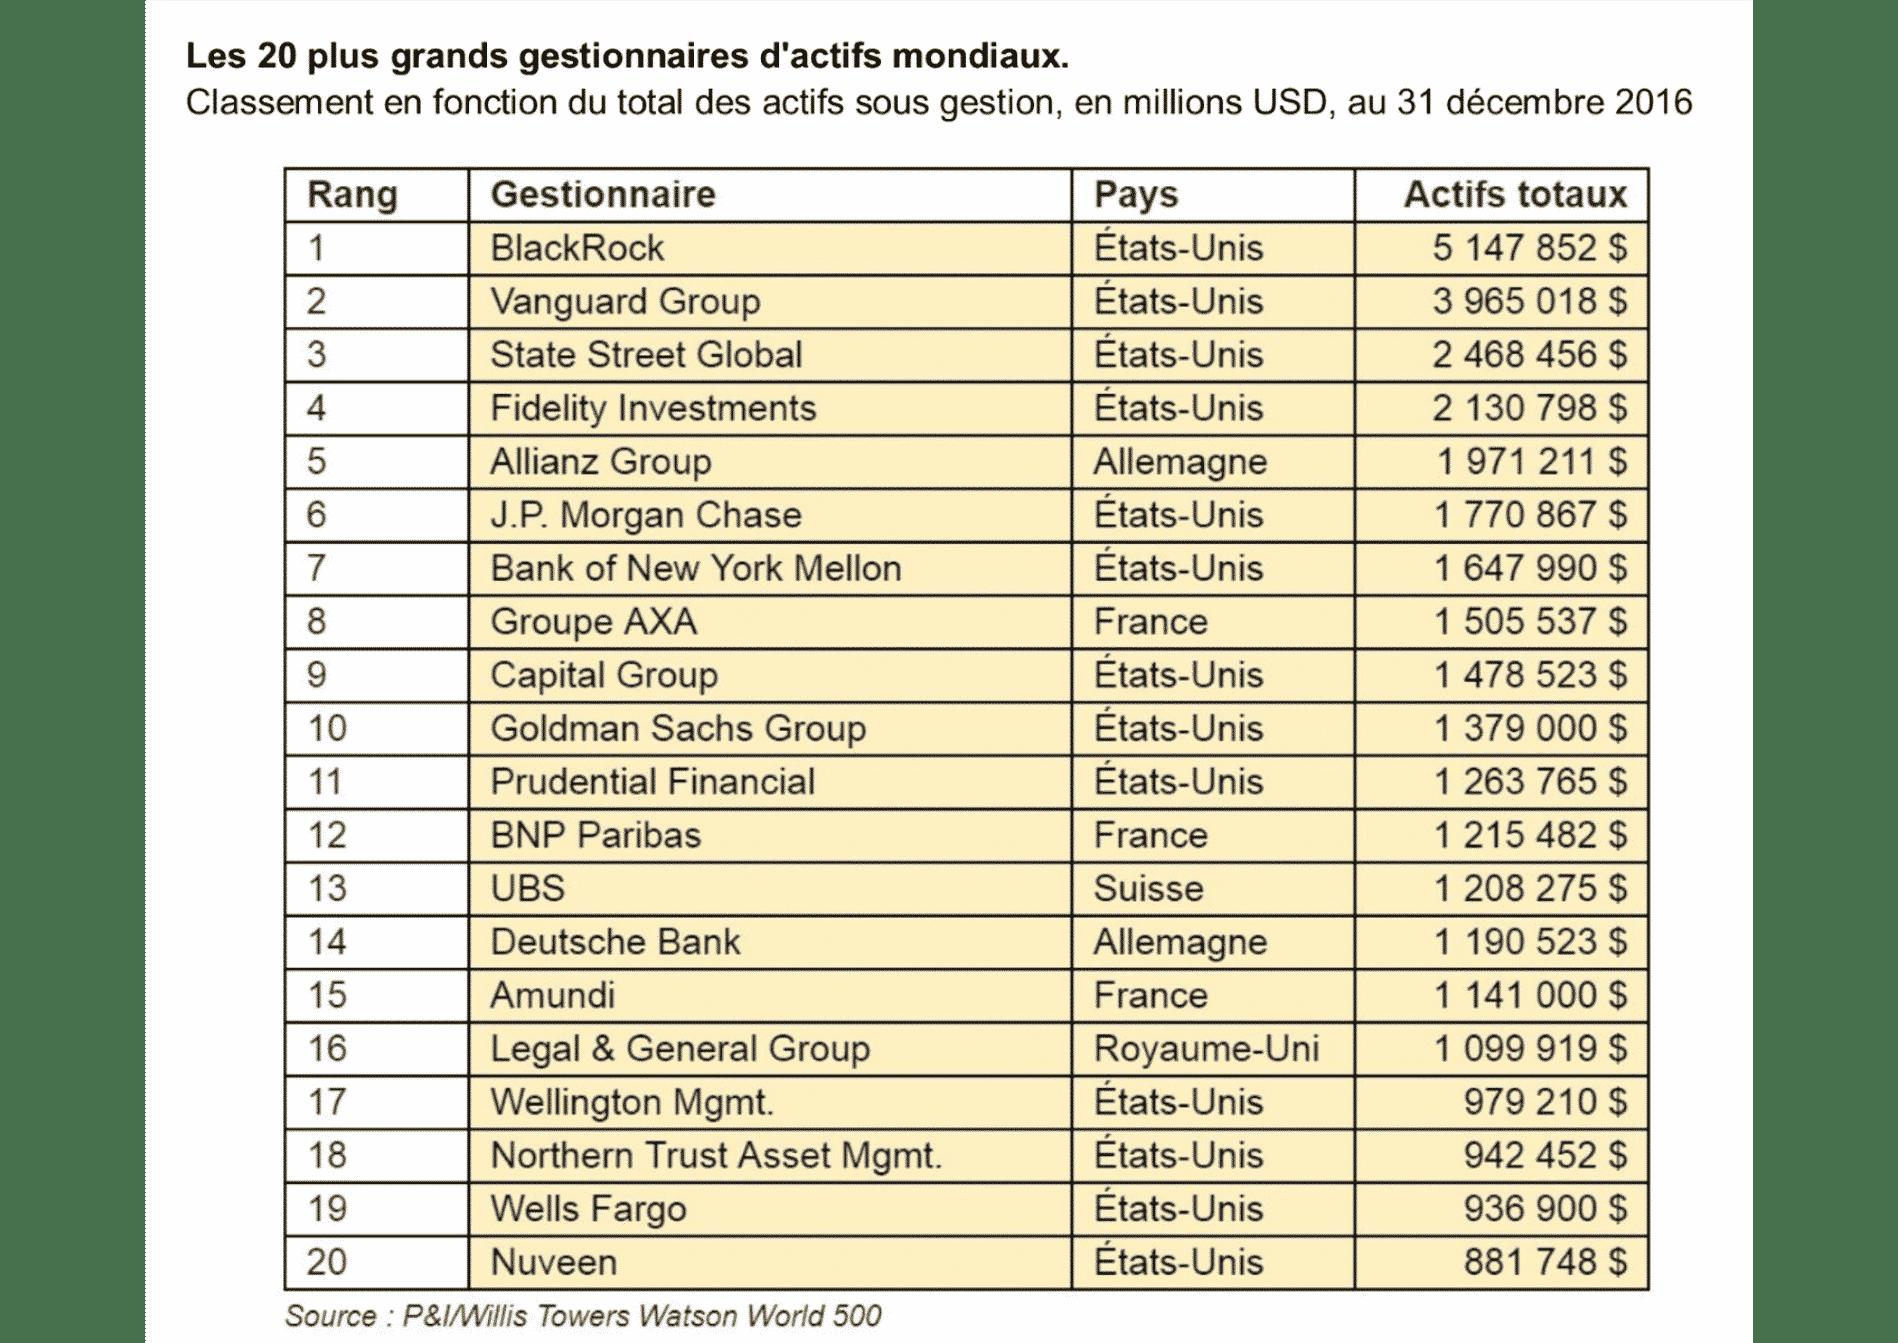 Les 20 plus grands gestionnaires d'actifs mondiaux